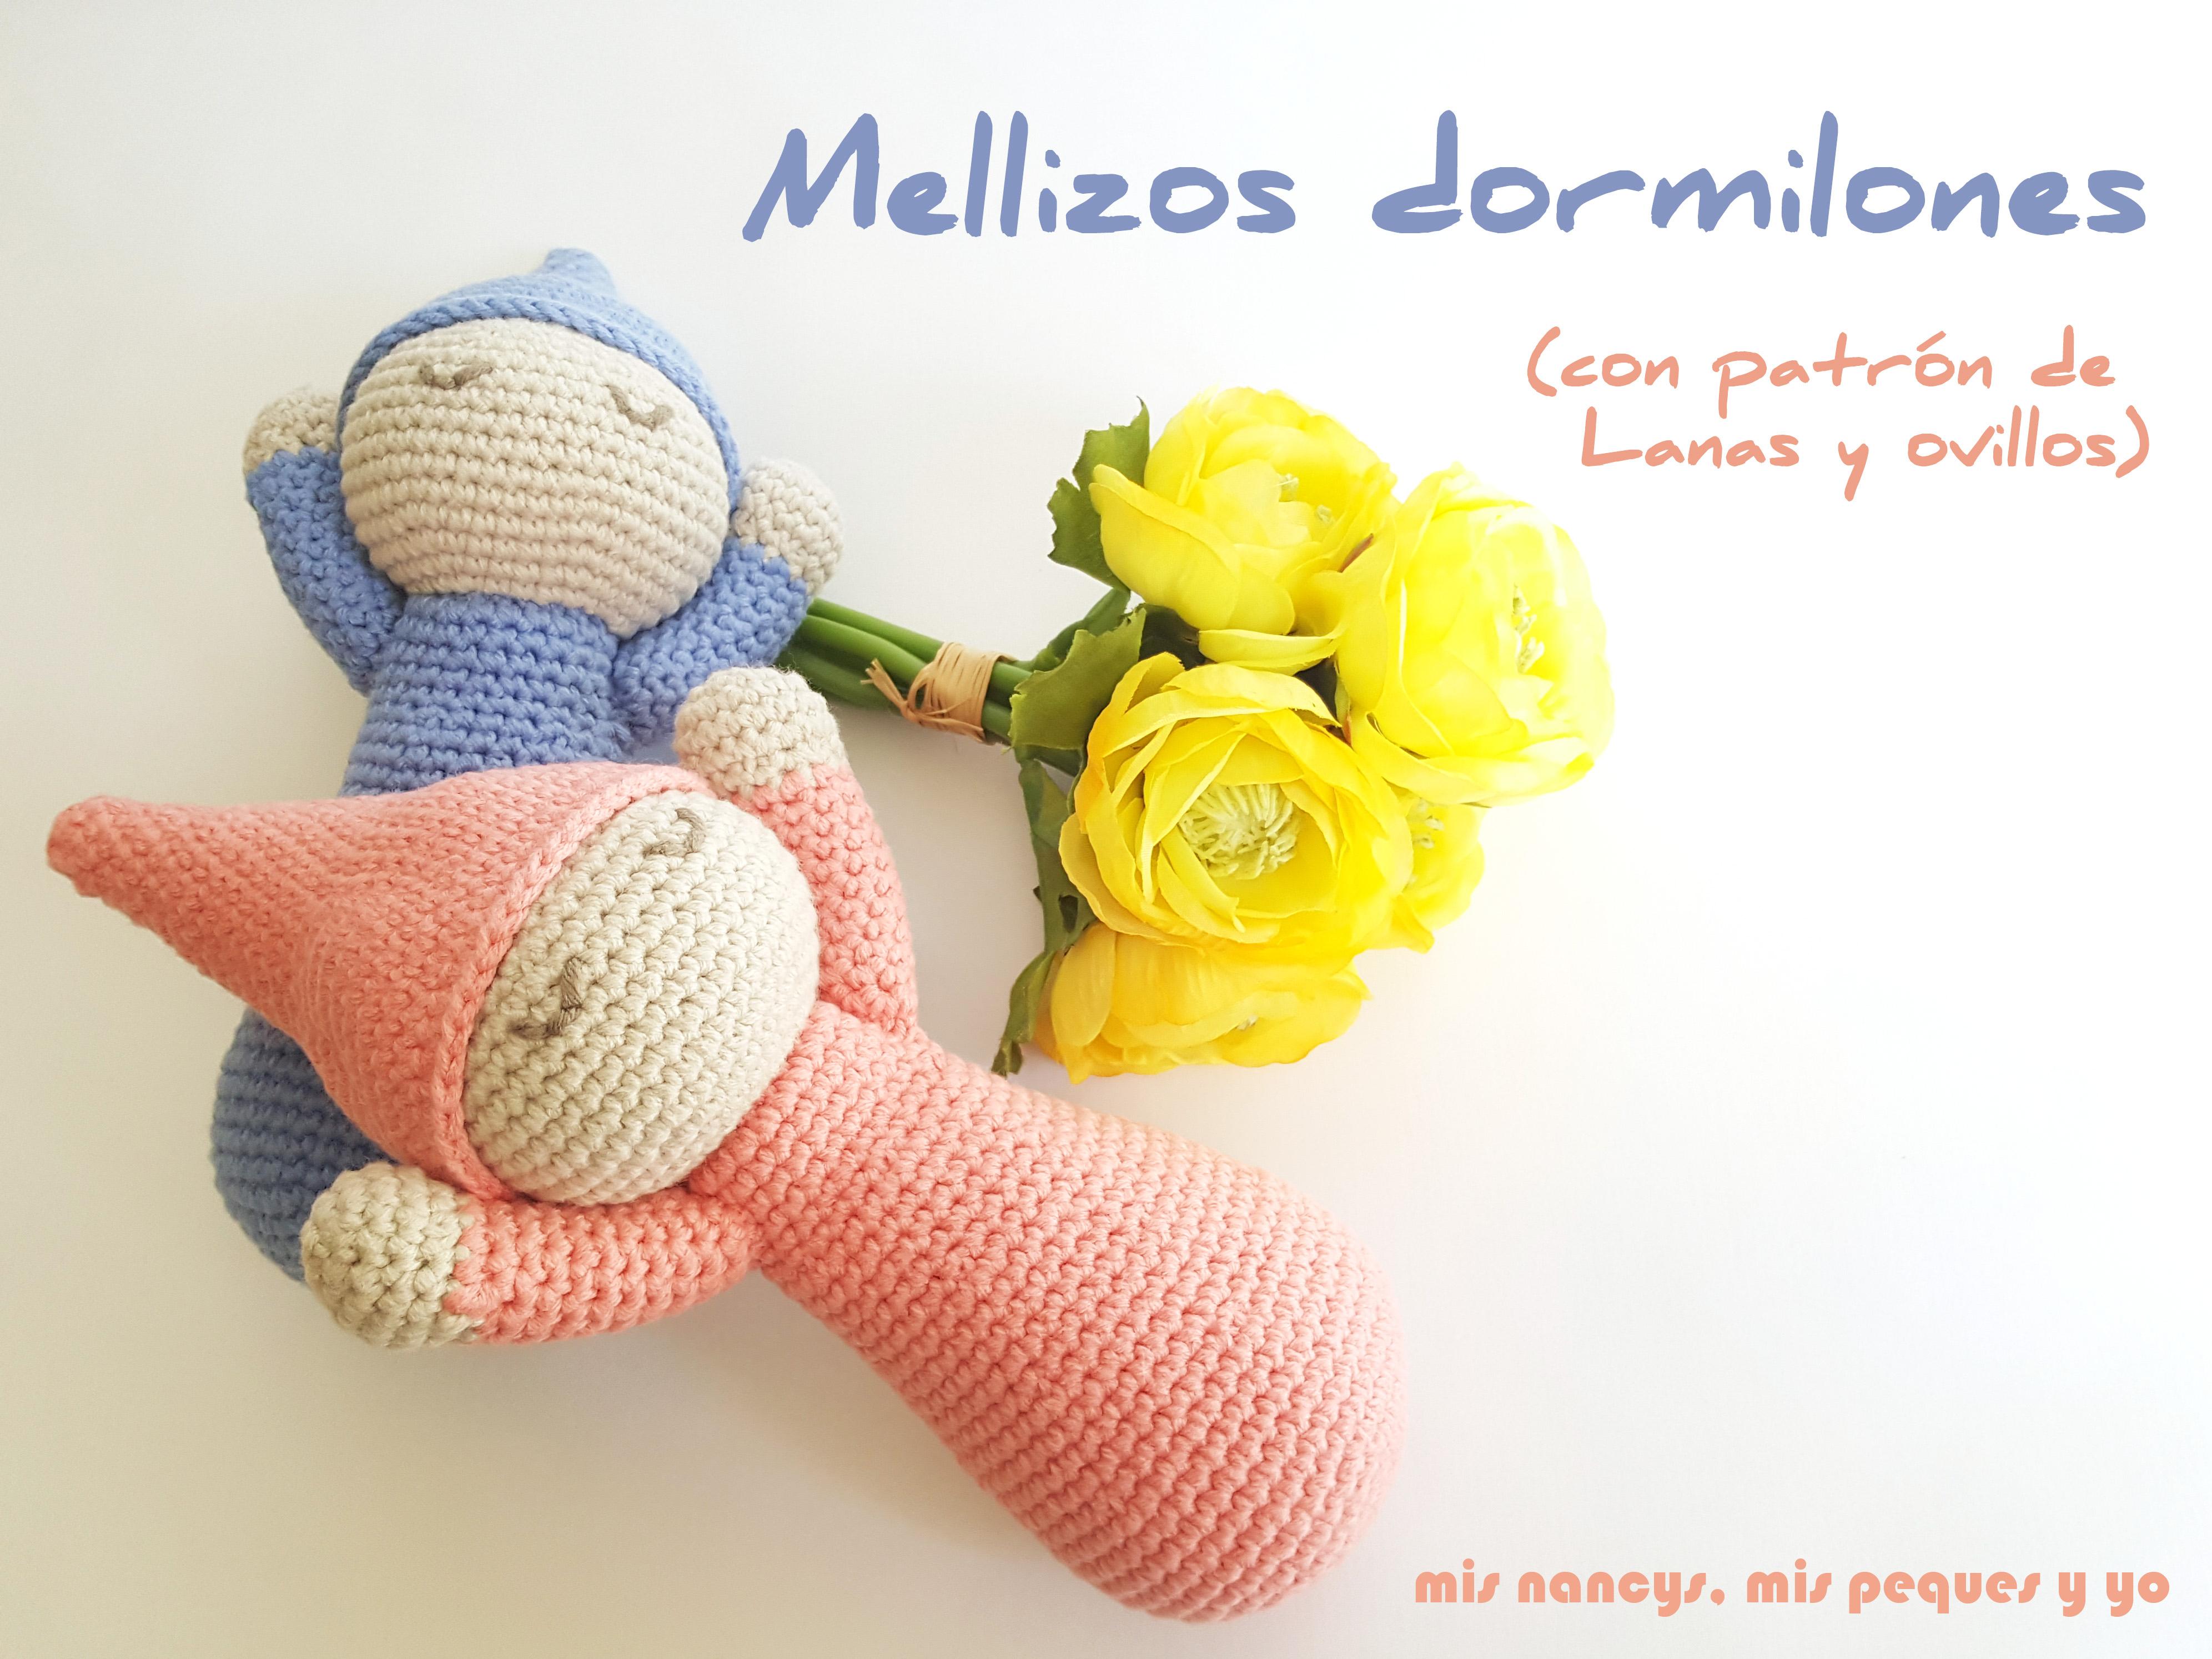 Mellizos dormilones: una bonita pareja de bebes amigurumis